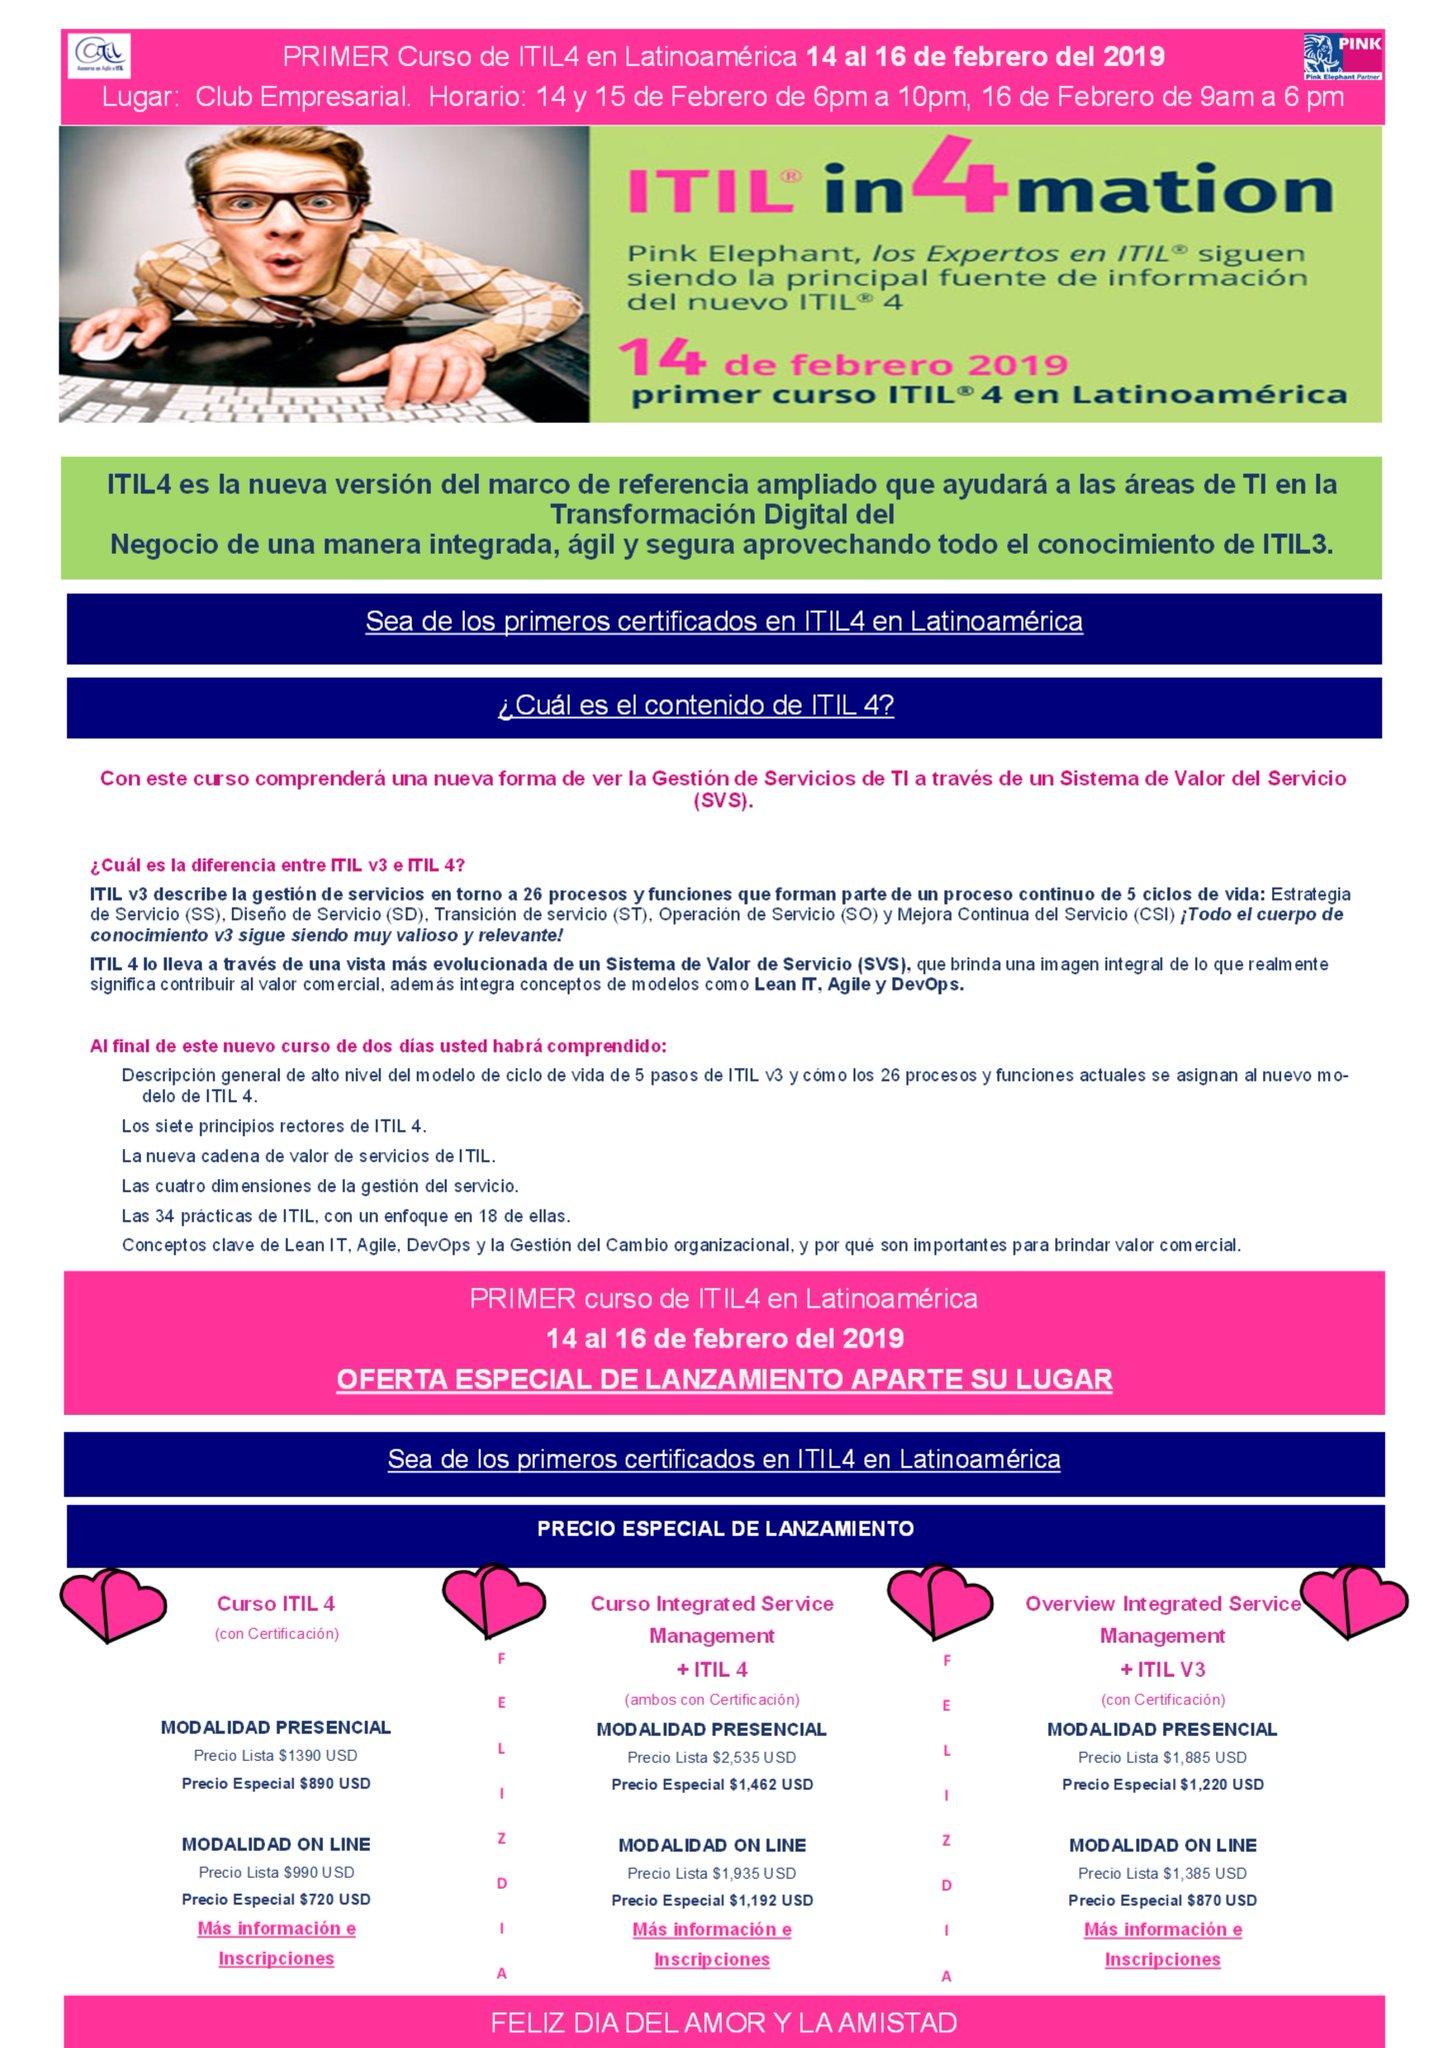 CURSO DE ITIL 4 - INICIO 14 DE FEBRERO https://t.co/rgNjBenfIa